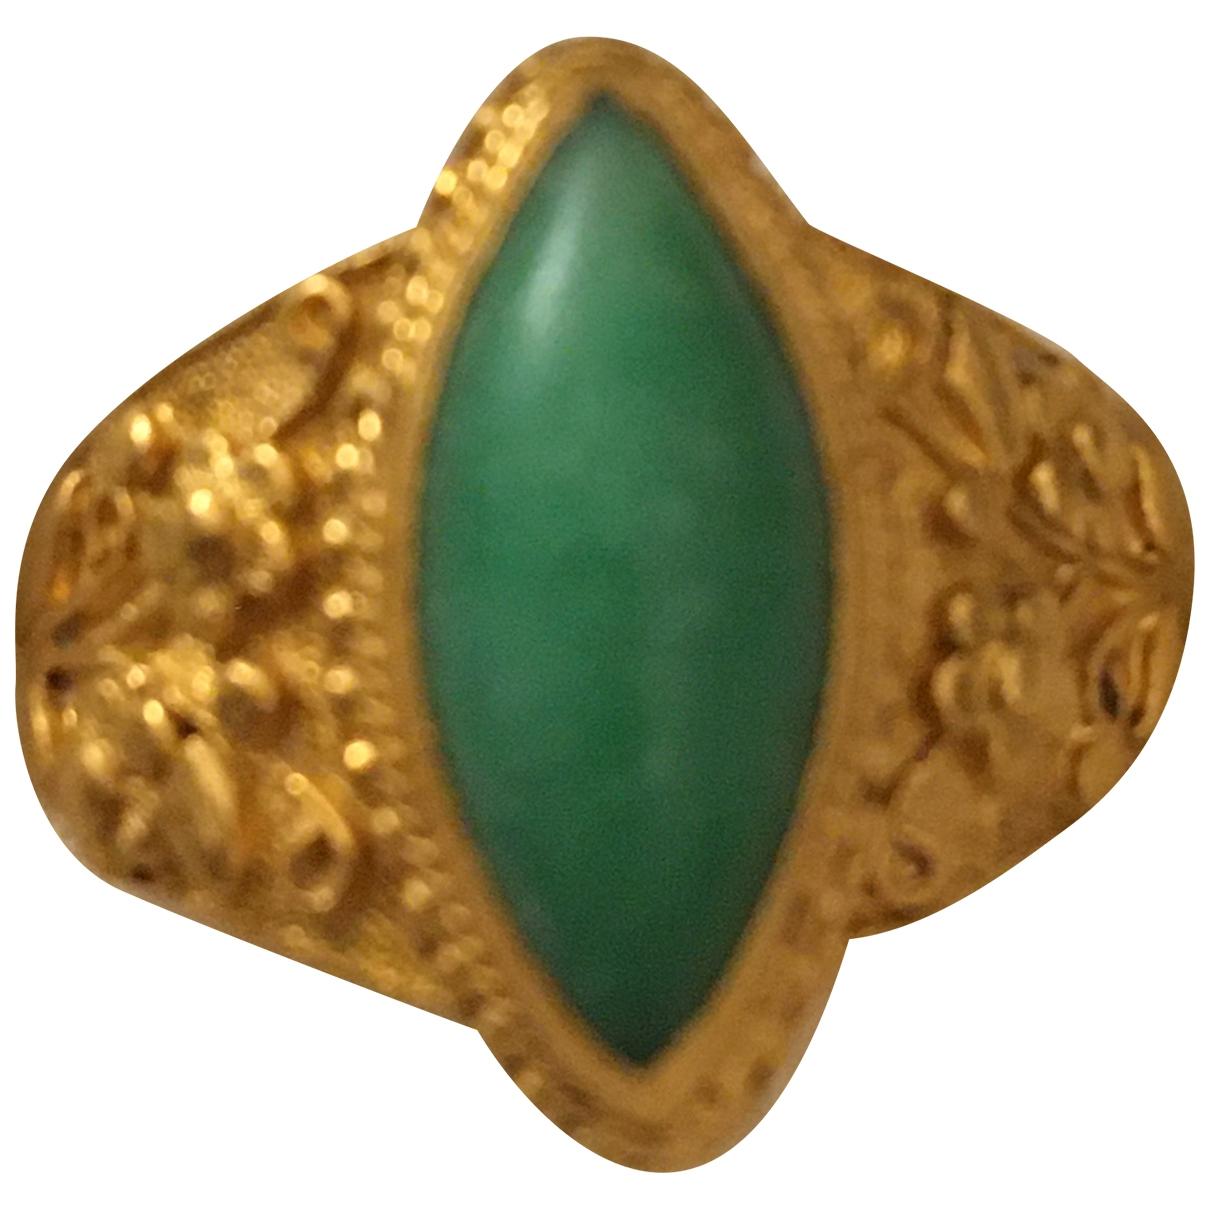 Anillo Turquoises de Oro amarillo Non Signe / Unsigned